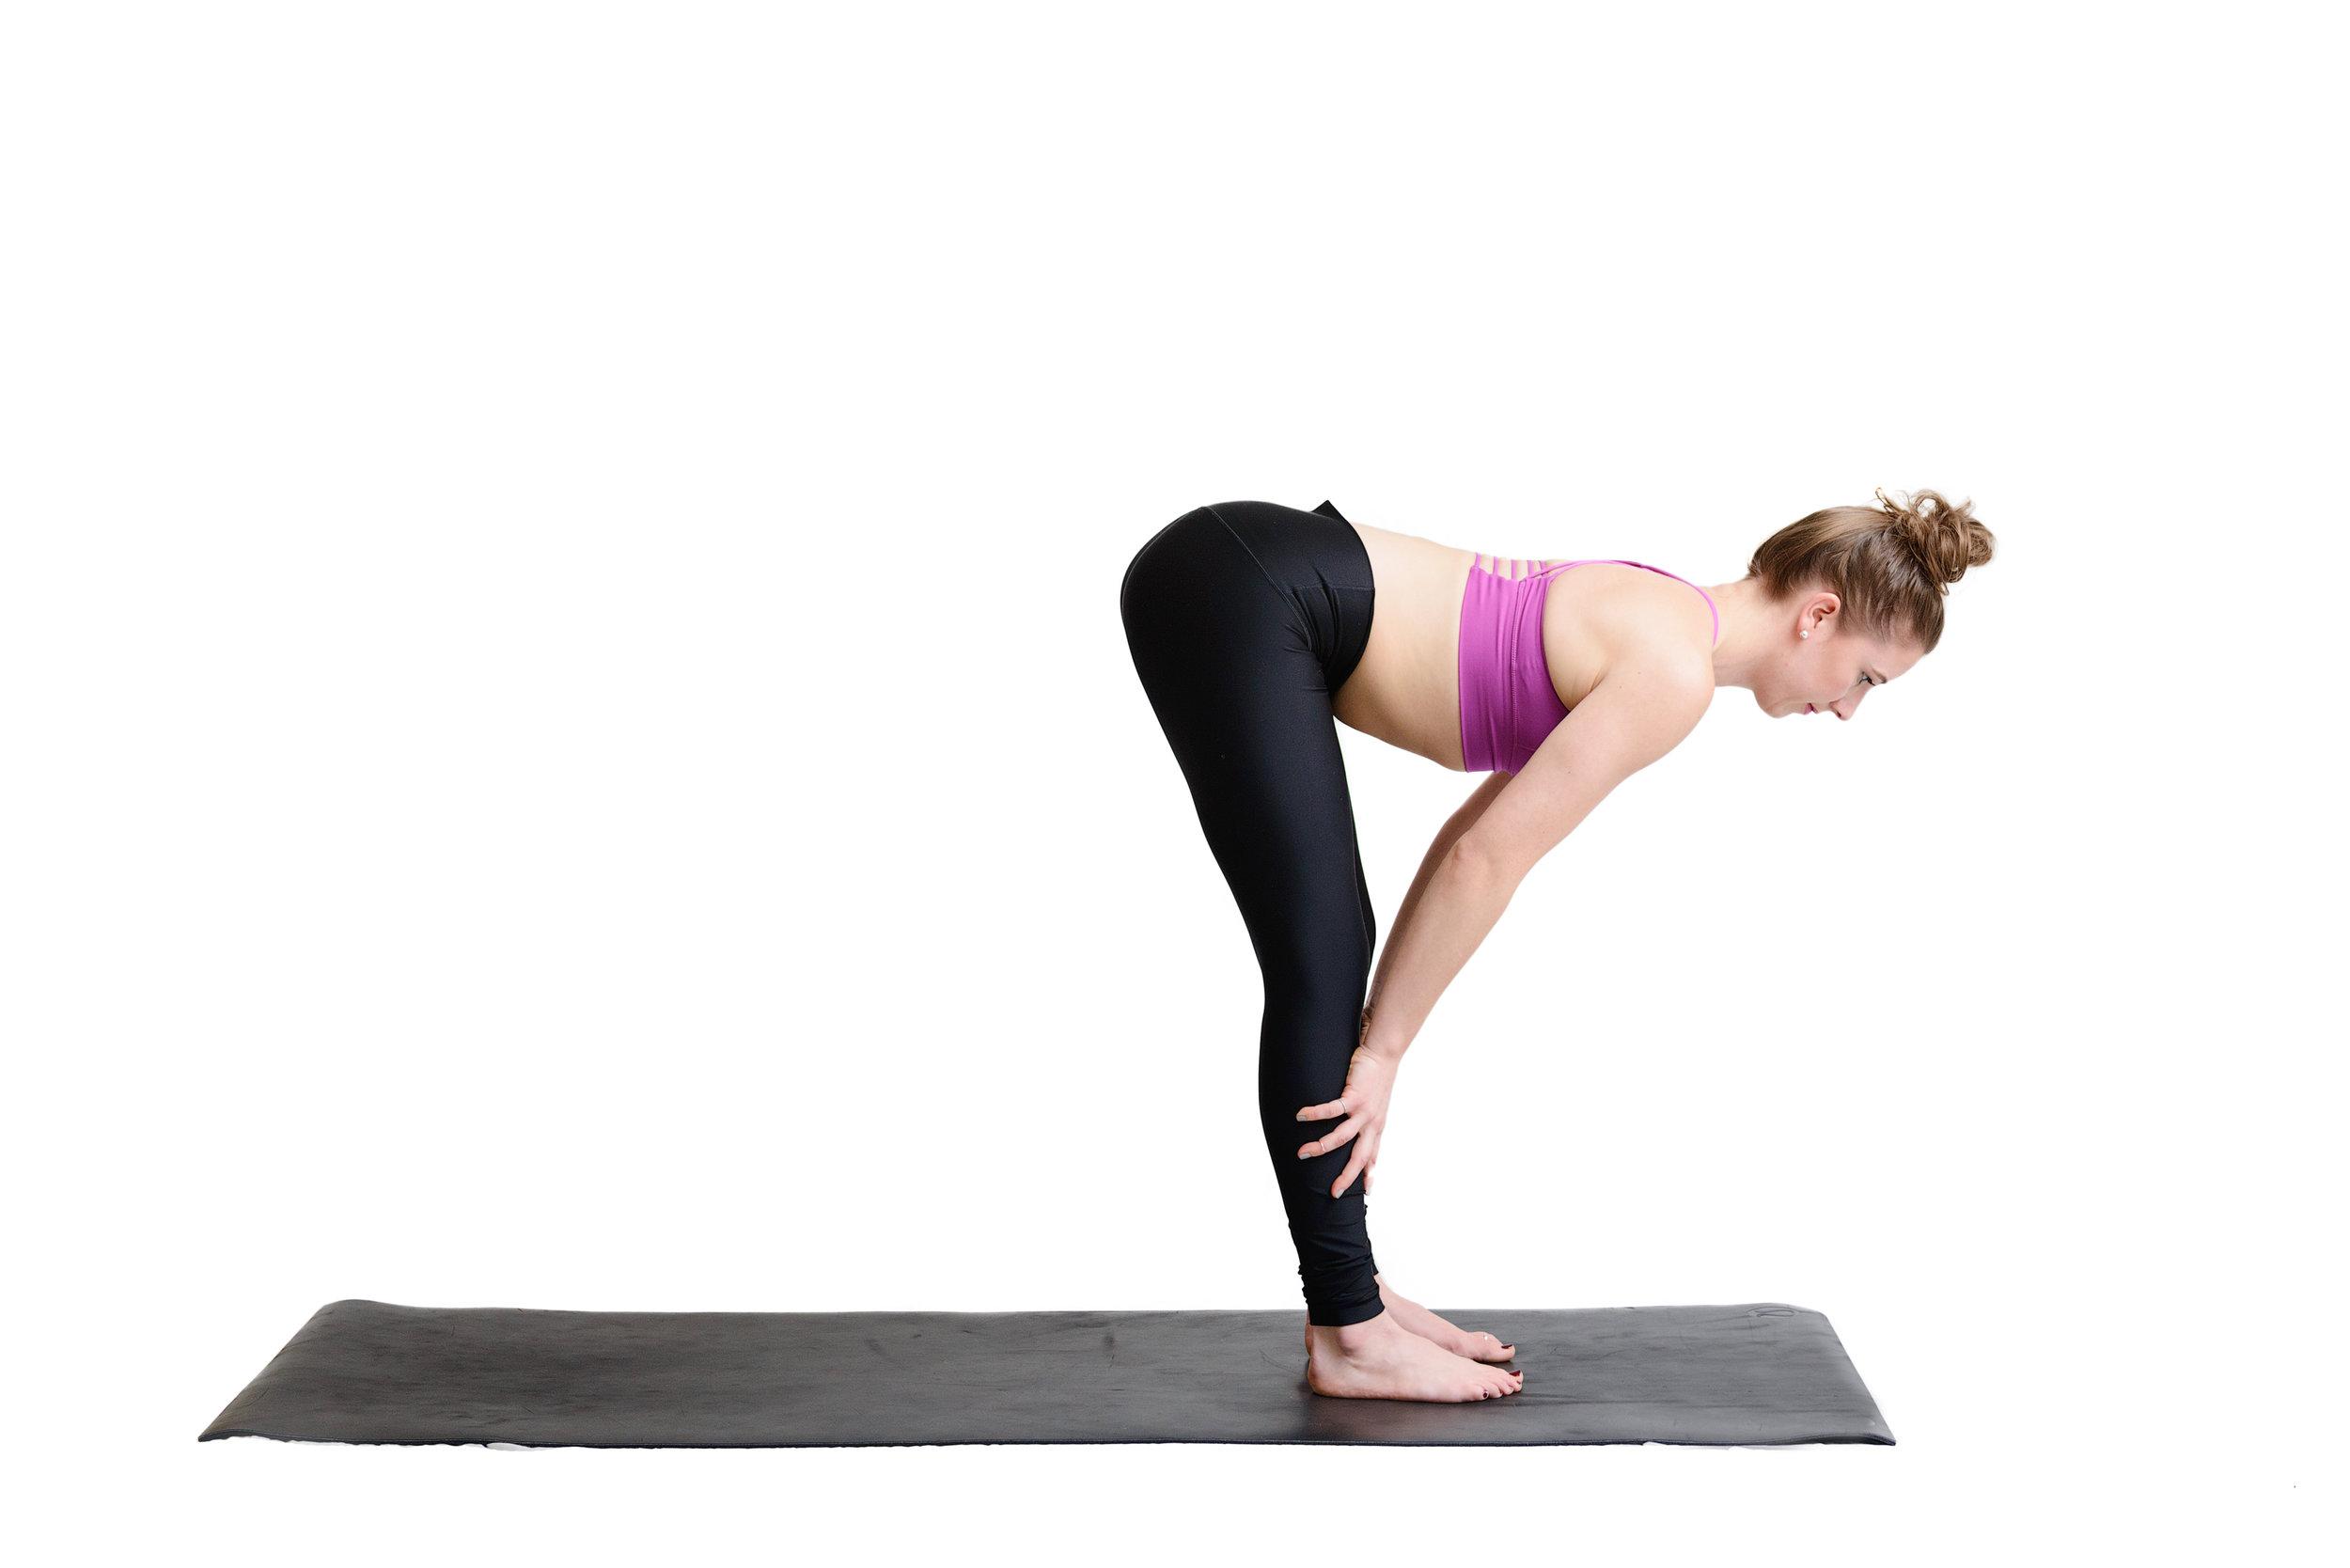 Jovette_PT&Yoga_004.jpg